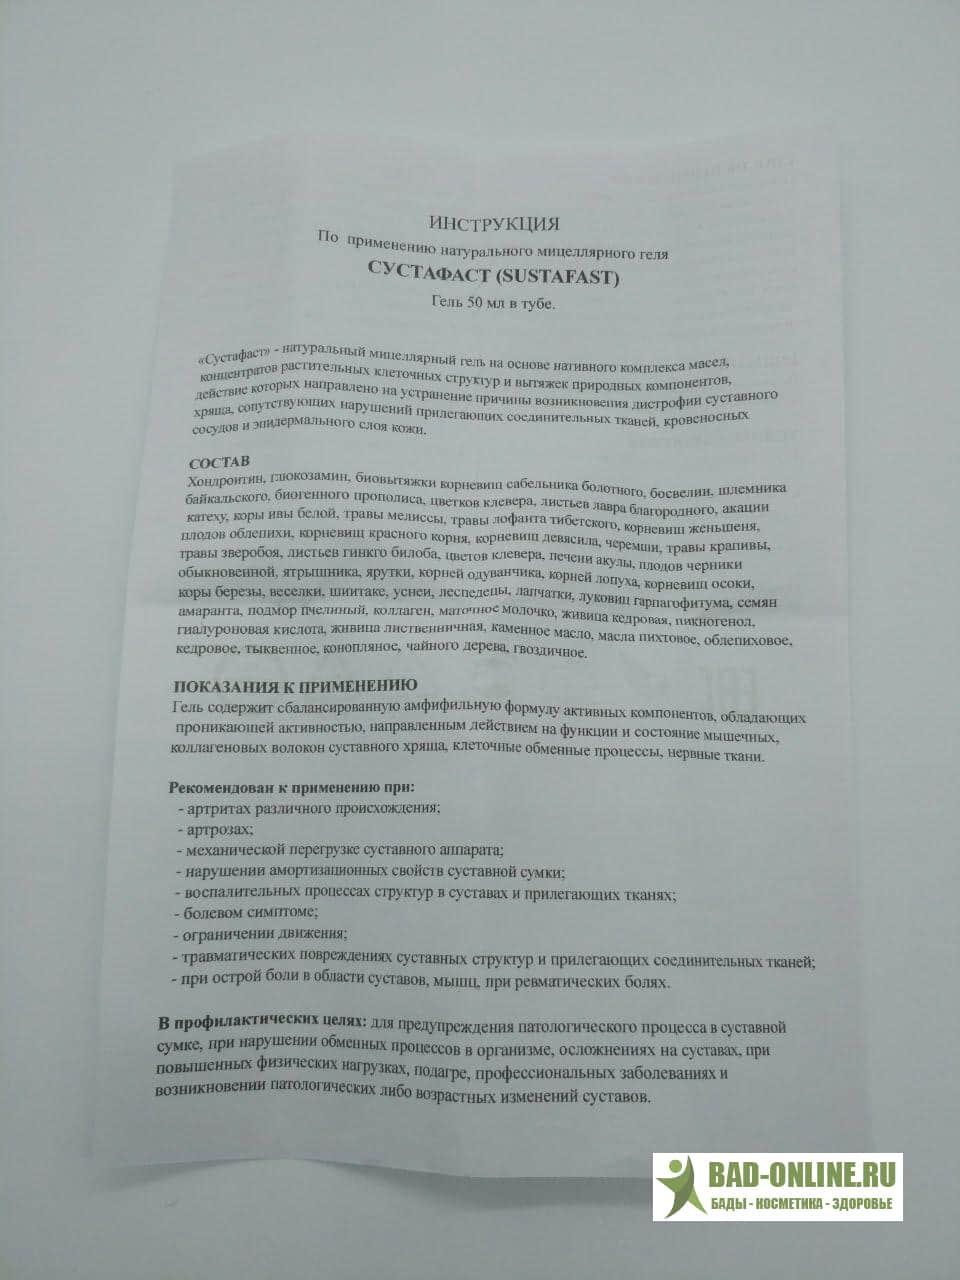 """Гель """"сустафаст"""" для суставов: отзывы, инструкция, аналоги"""